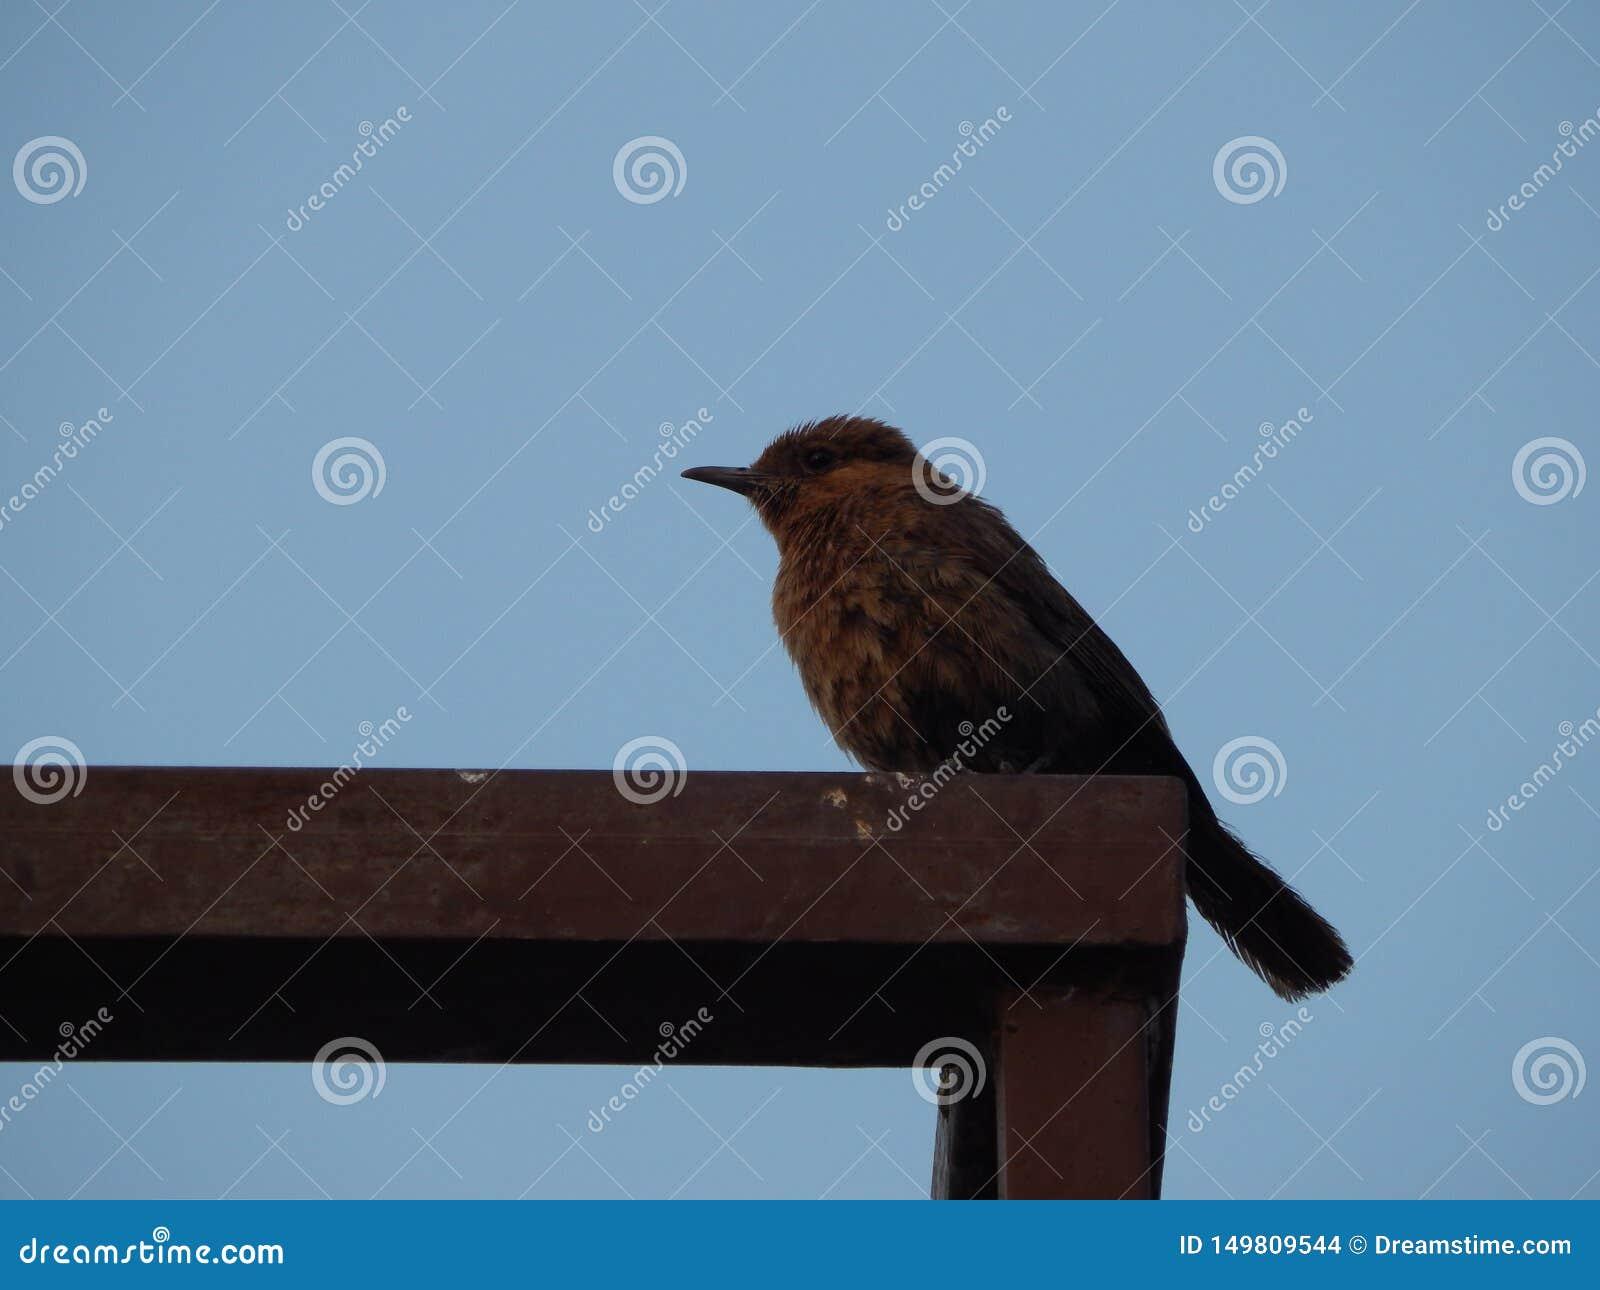 A beautiful Indian nightingale in India